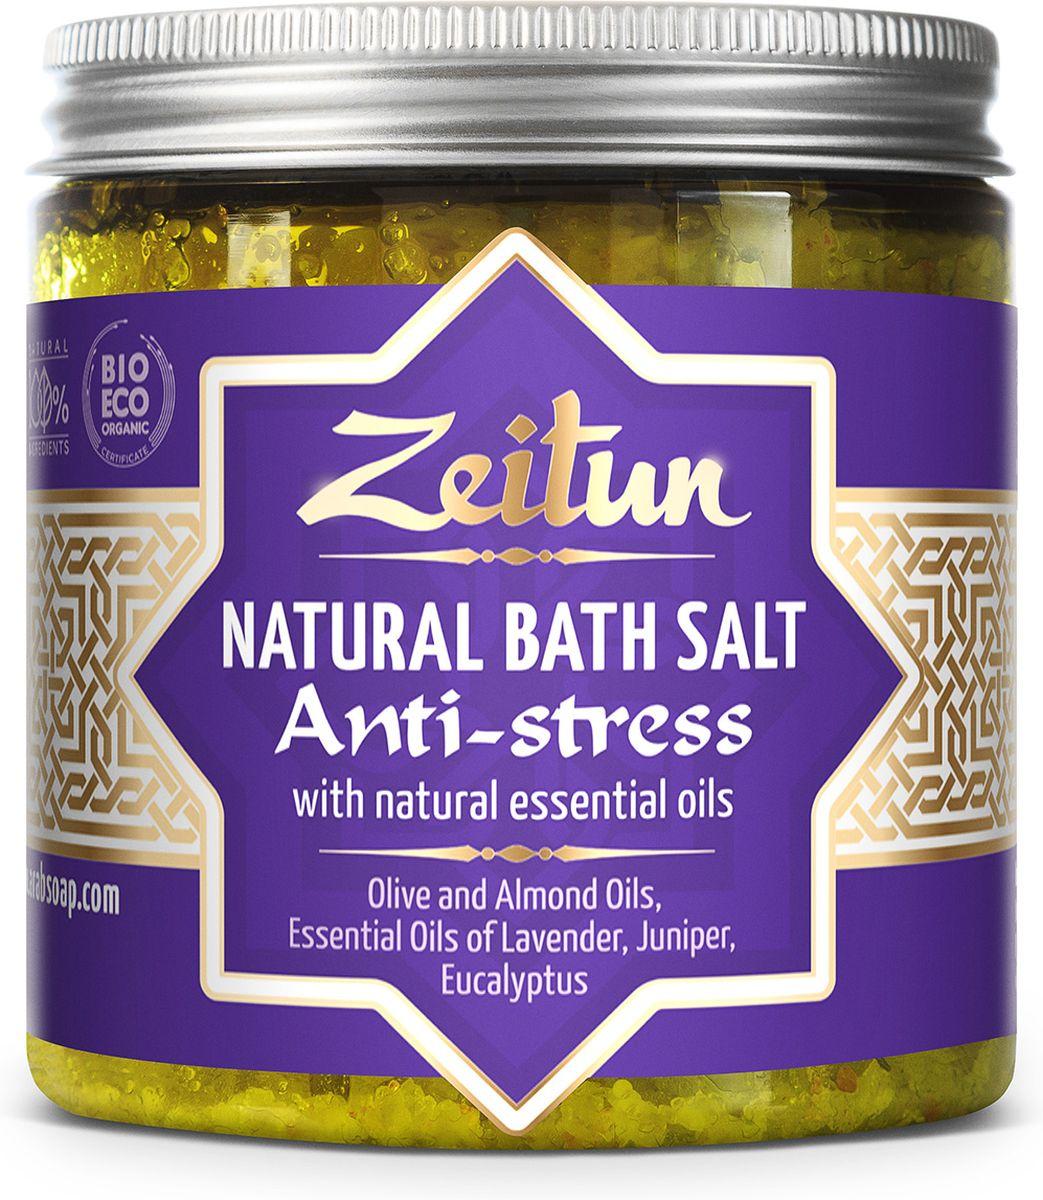 Зейтун Аромасоль для ванны антистресс, 250 млZ2102Специально подобранные эфирные масла оказывают расслабляющий и успокаивающий ароматический эффект, который усиливается горячей водой. Ванна — это прекрасный способ снятия стресса, а в сочетании с этой аромасолью ещё и действенный способ увлажнения и питания кожи. Не оставляет масляных следов на ванне.